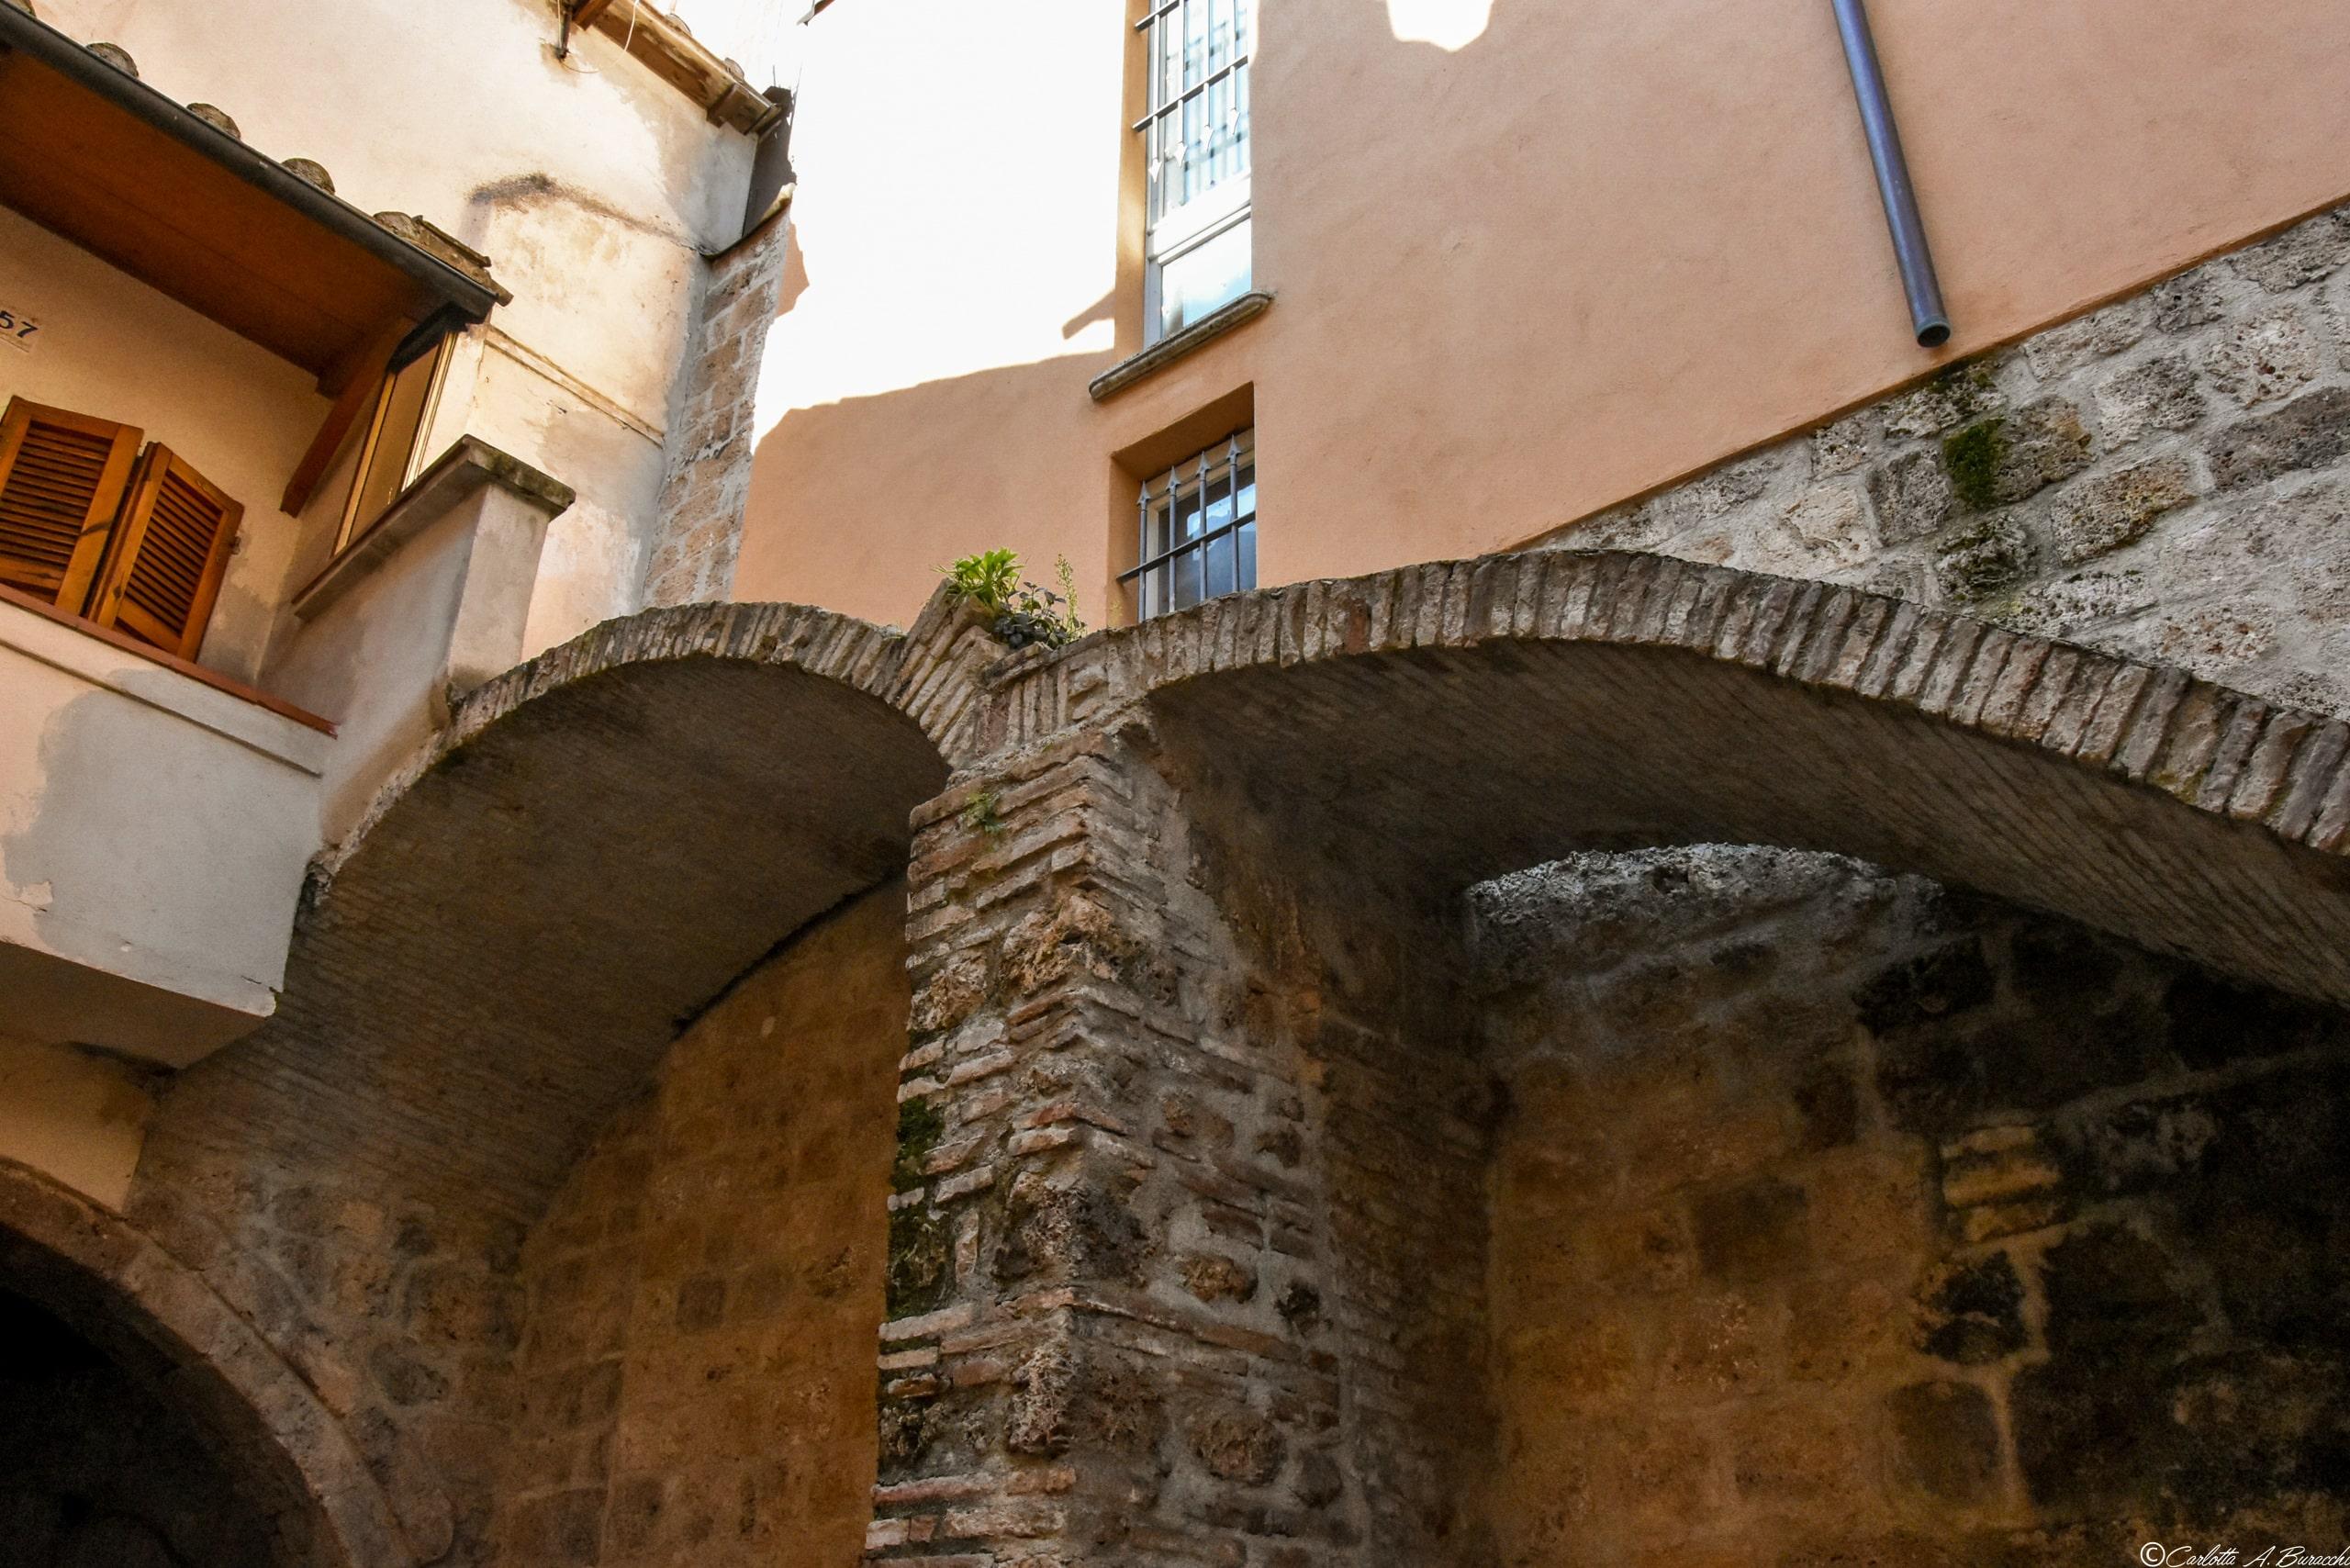 Resti romani all'interno di un cortile privato in piazza Clai, Terni